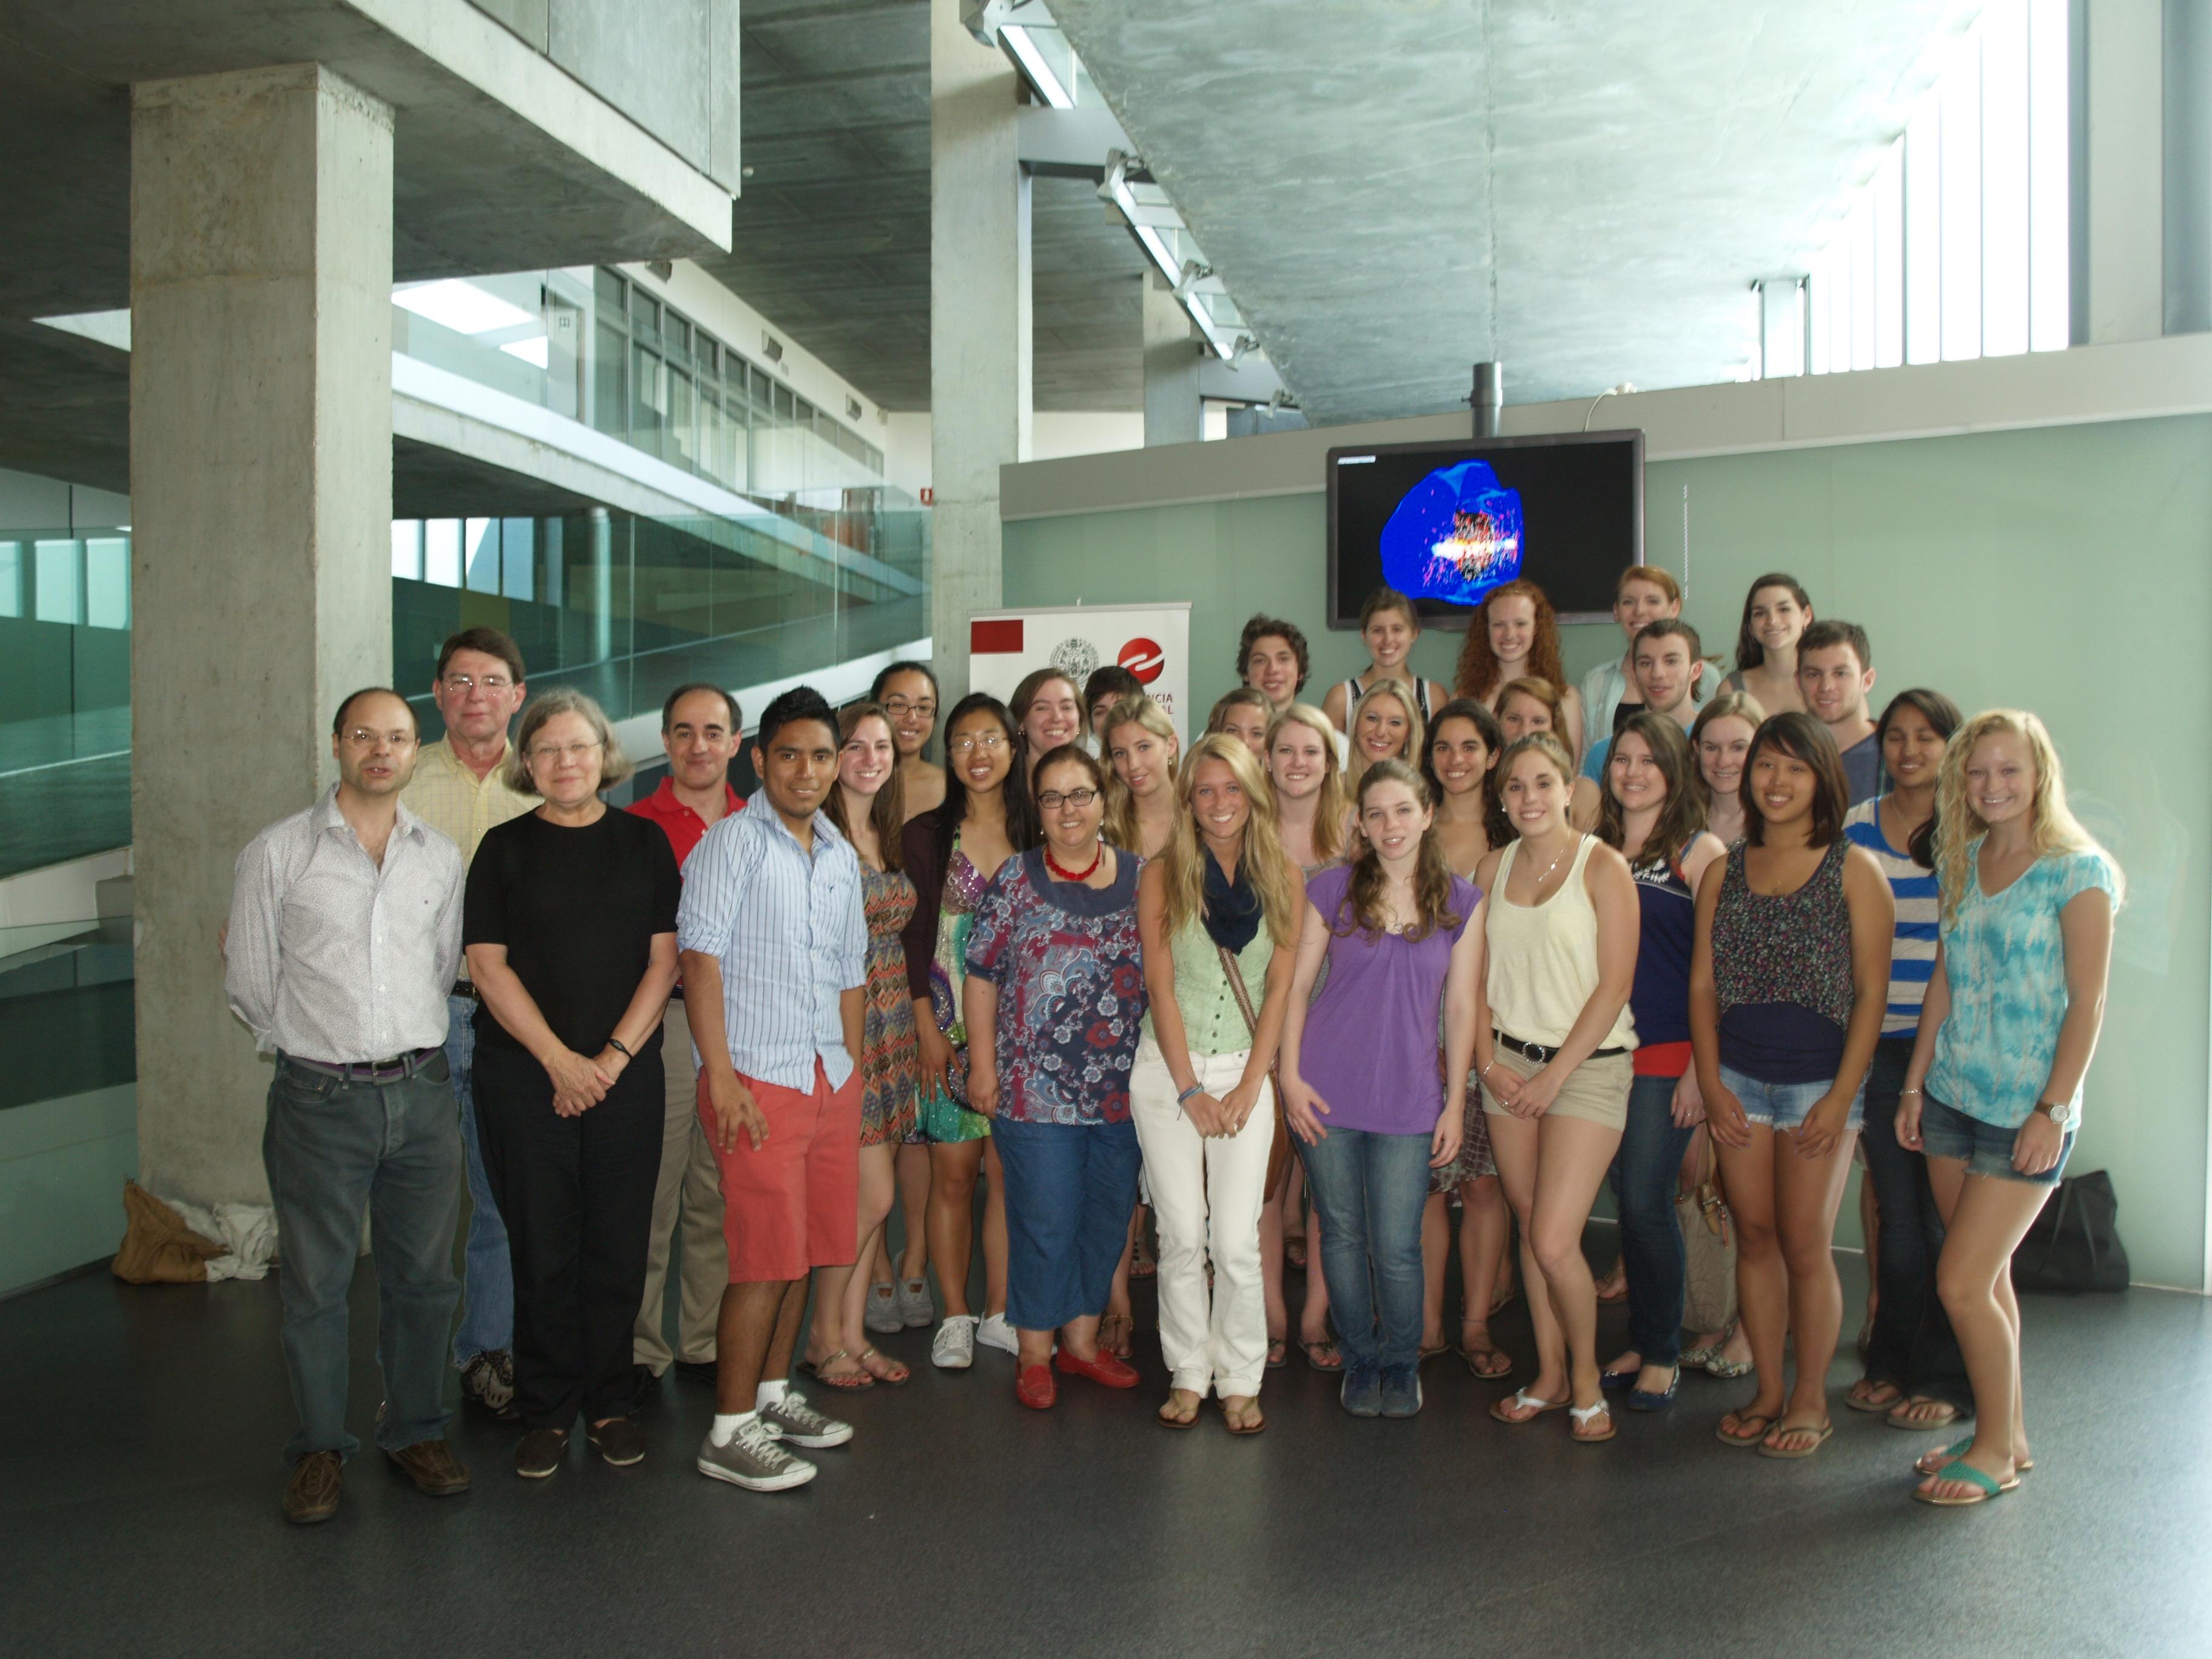 Estudiantes destacados de Estados Unidos y Europa se instruyen en los avances más recientes en Neurociencias en la Universidad de Salamanca